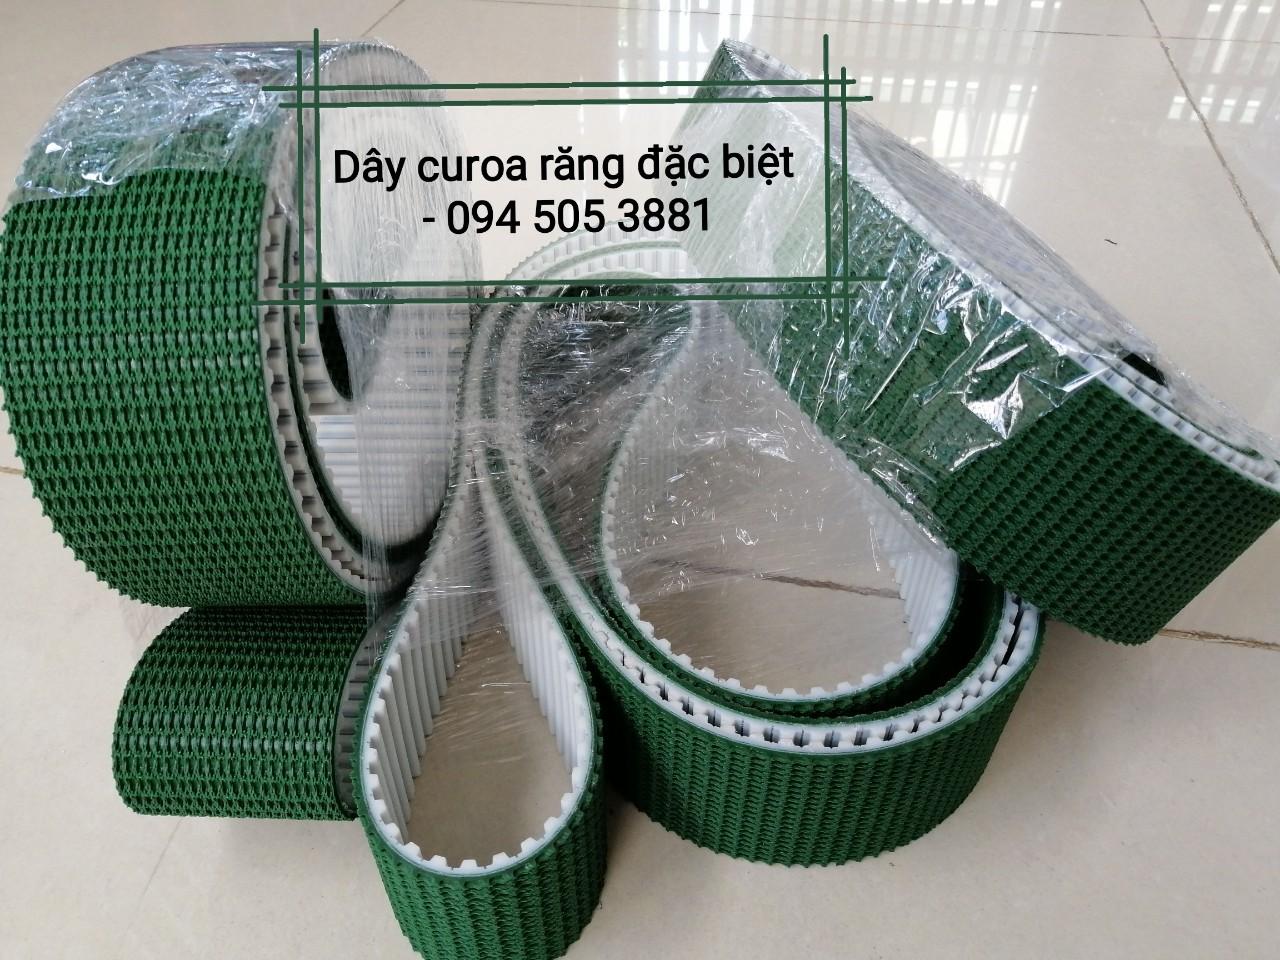 Dây curoa răng PU đắp băng tải PVC Xanh Gai